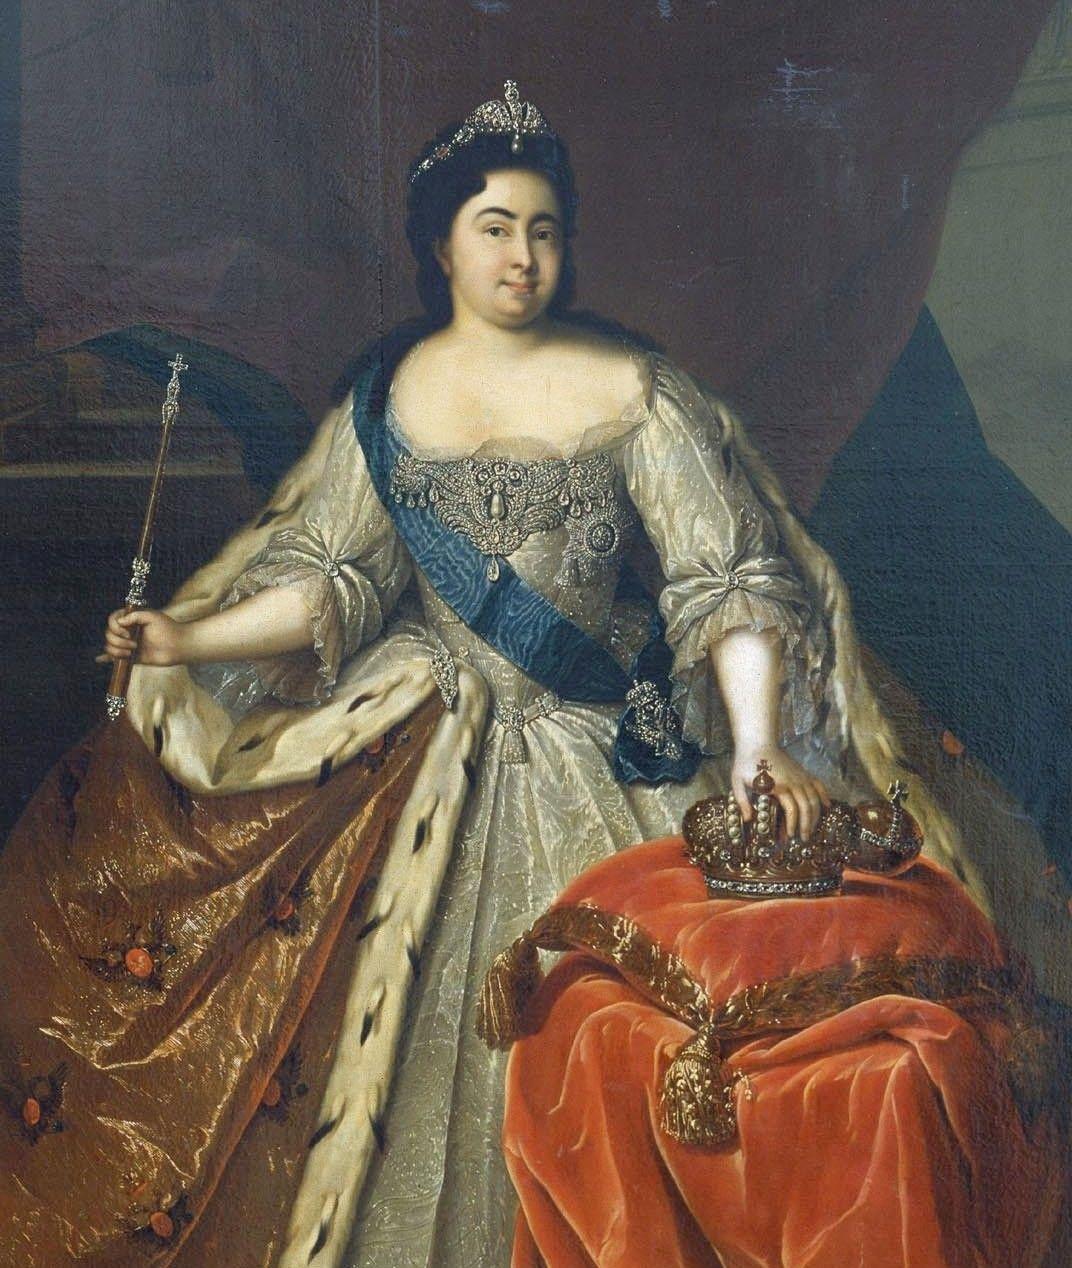 Katarzyna u progu swoich samodzielnych rządów. Portret pędzla Heinricha Buchholza (źródło: domena publiczna).